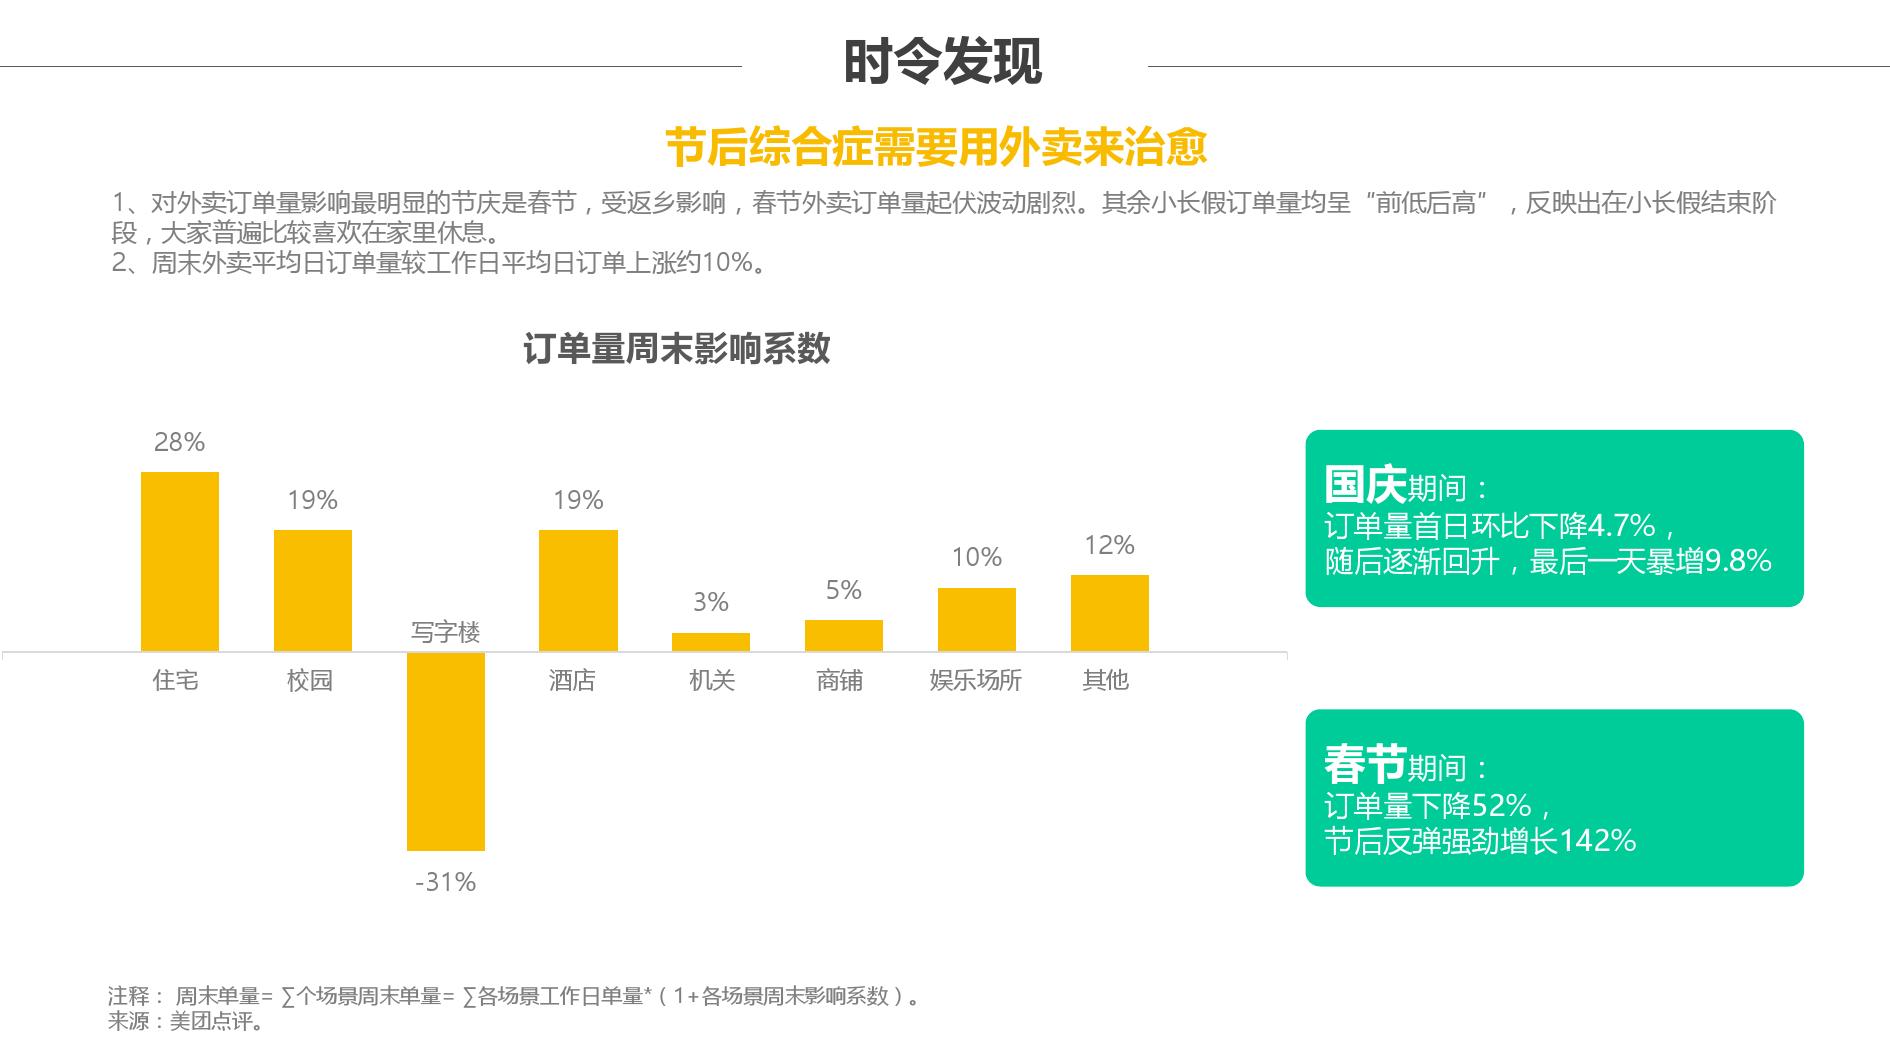 2016%e4%b8%ad%e5%9b%bd%e5%a4%96%e5%8d%96o2o%e8%a1%8c%e4%b8%9a%e6%b4%9e%e5%af%9f%e6%8a%a5%e5%91%8a_000018